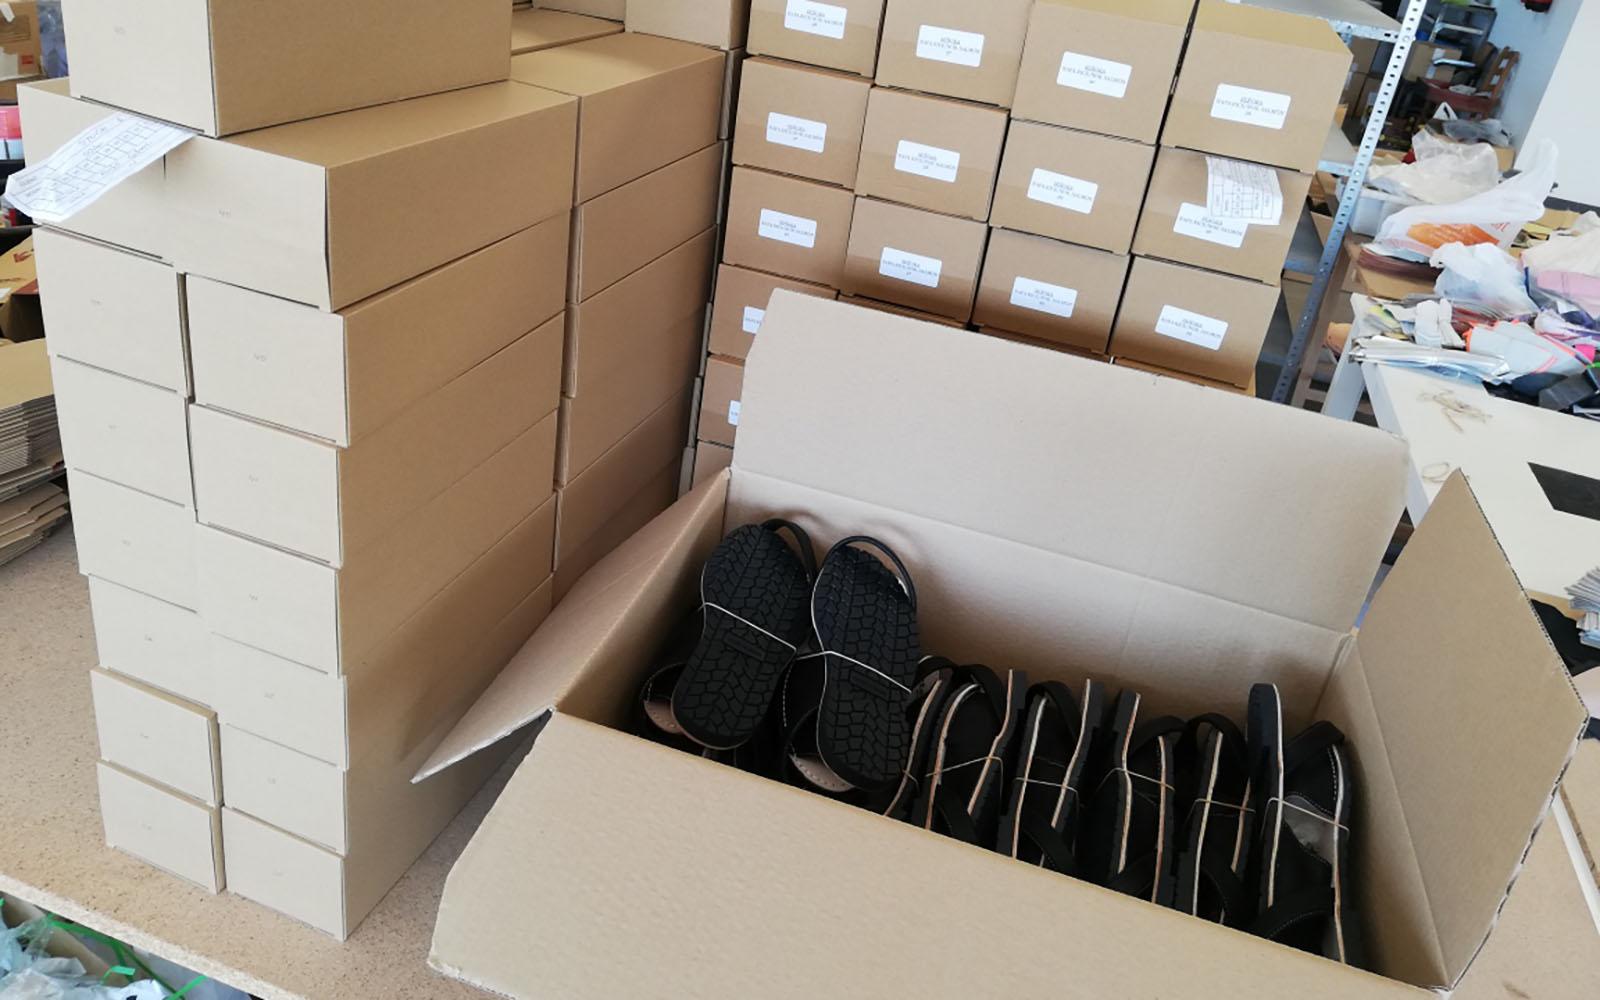 Avec une équipe de 9 ouvriers à temps plein nous produisons en moyenne 80-100 paires par jour.